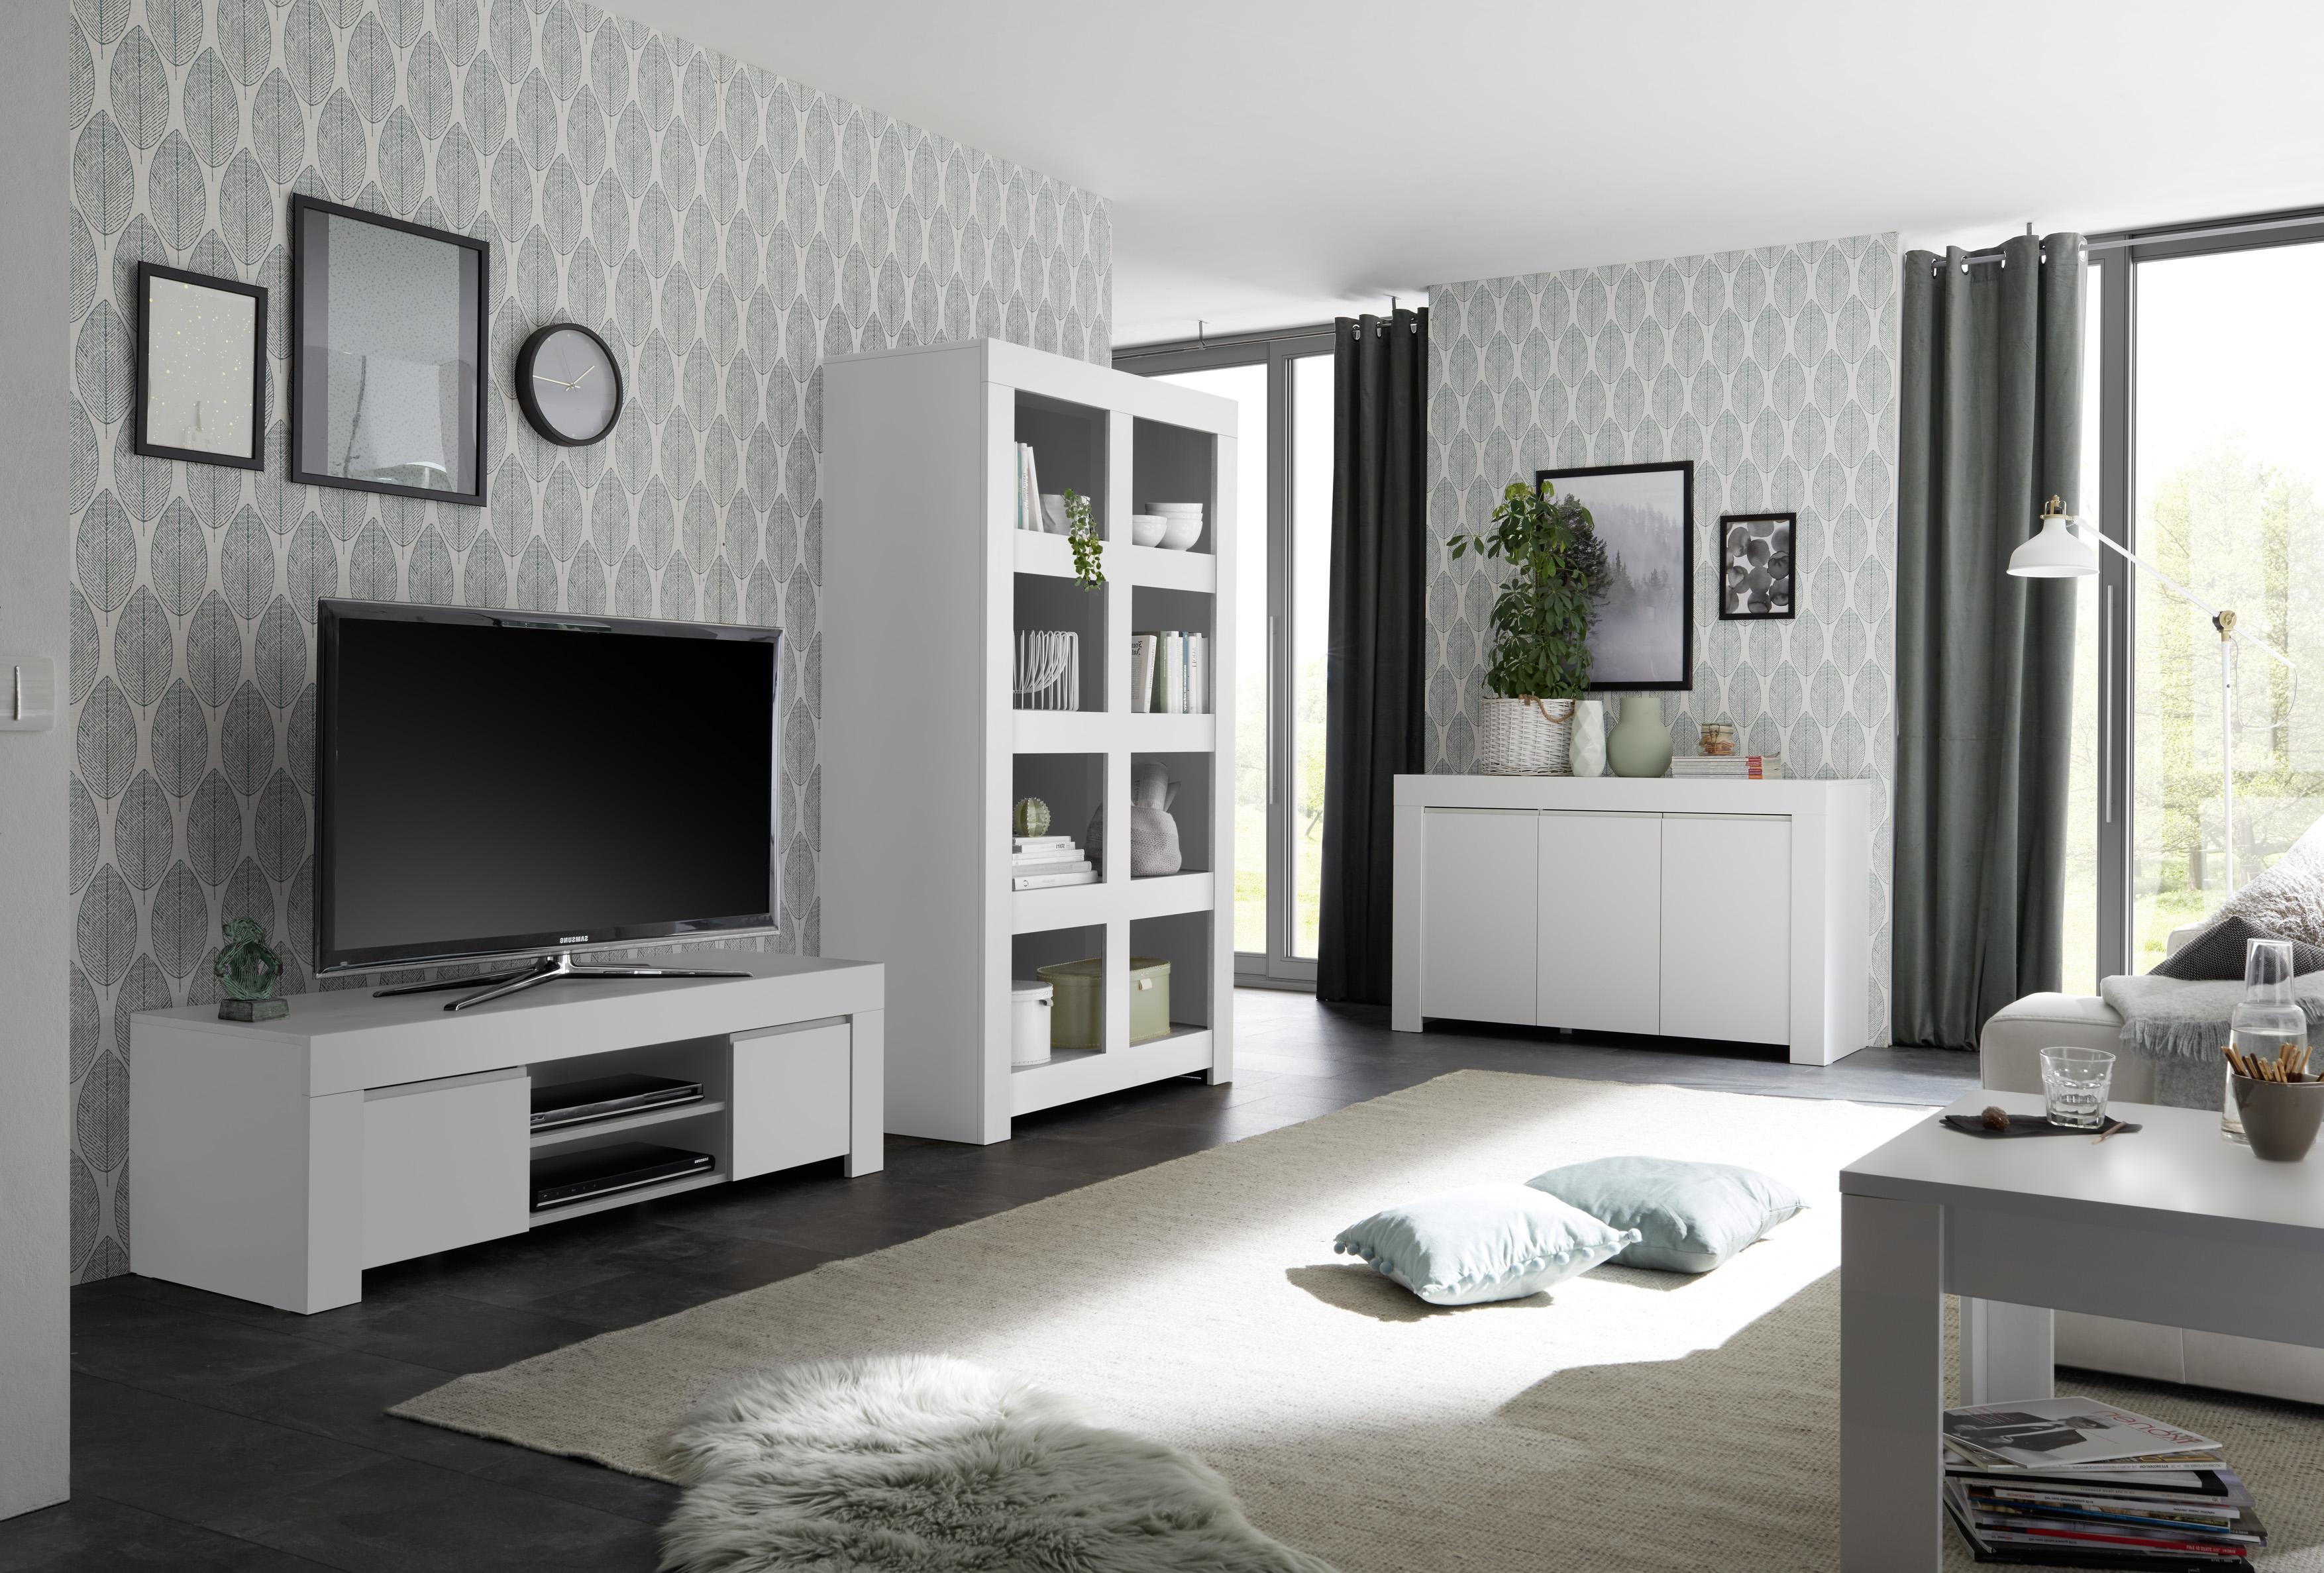 Wohnzimmer Set Fren in weiss TV-Schrank - yatego.com